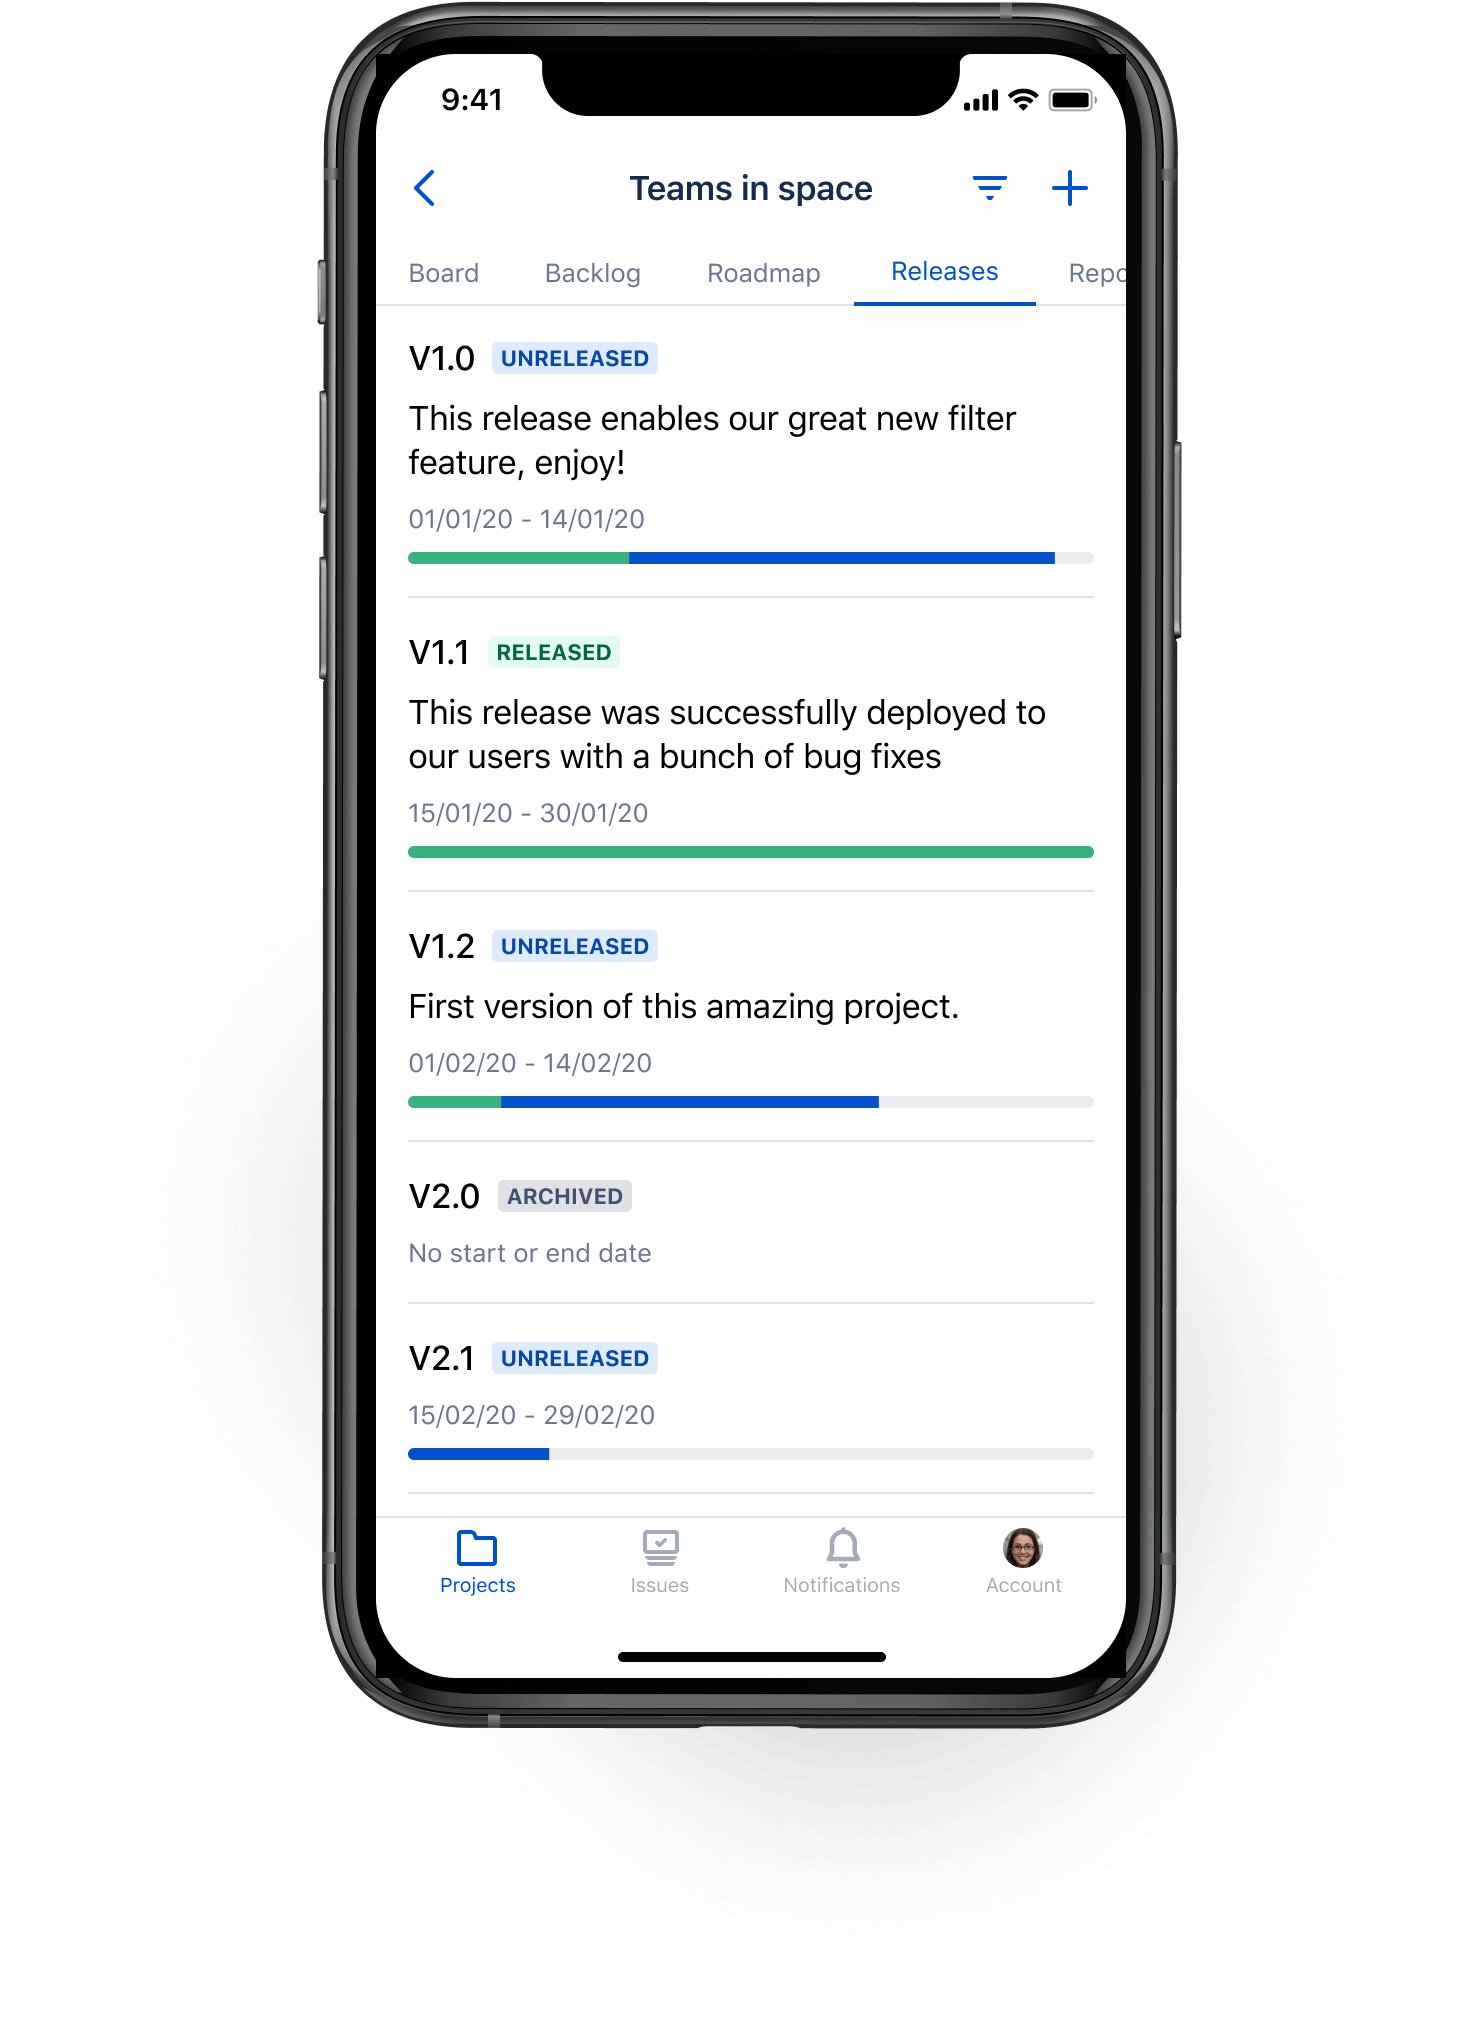 Вкладка Releases (Релизы) в мобильном приложении Jira Cloud